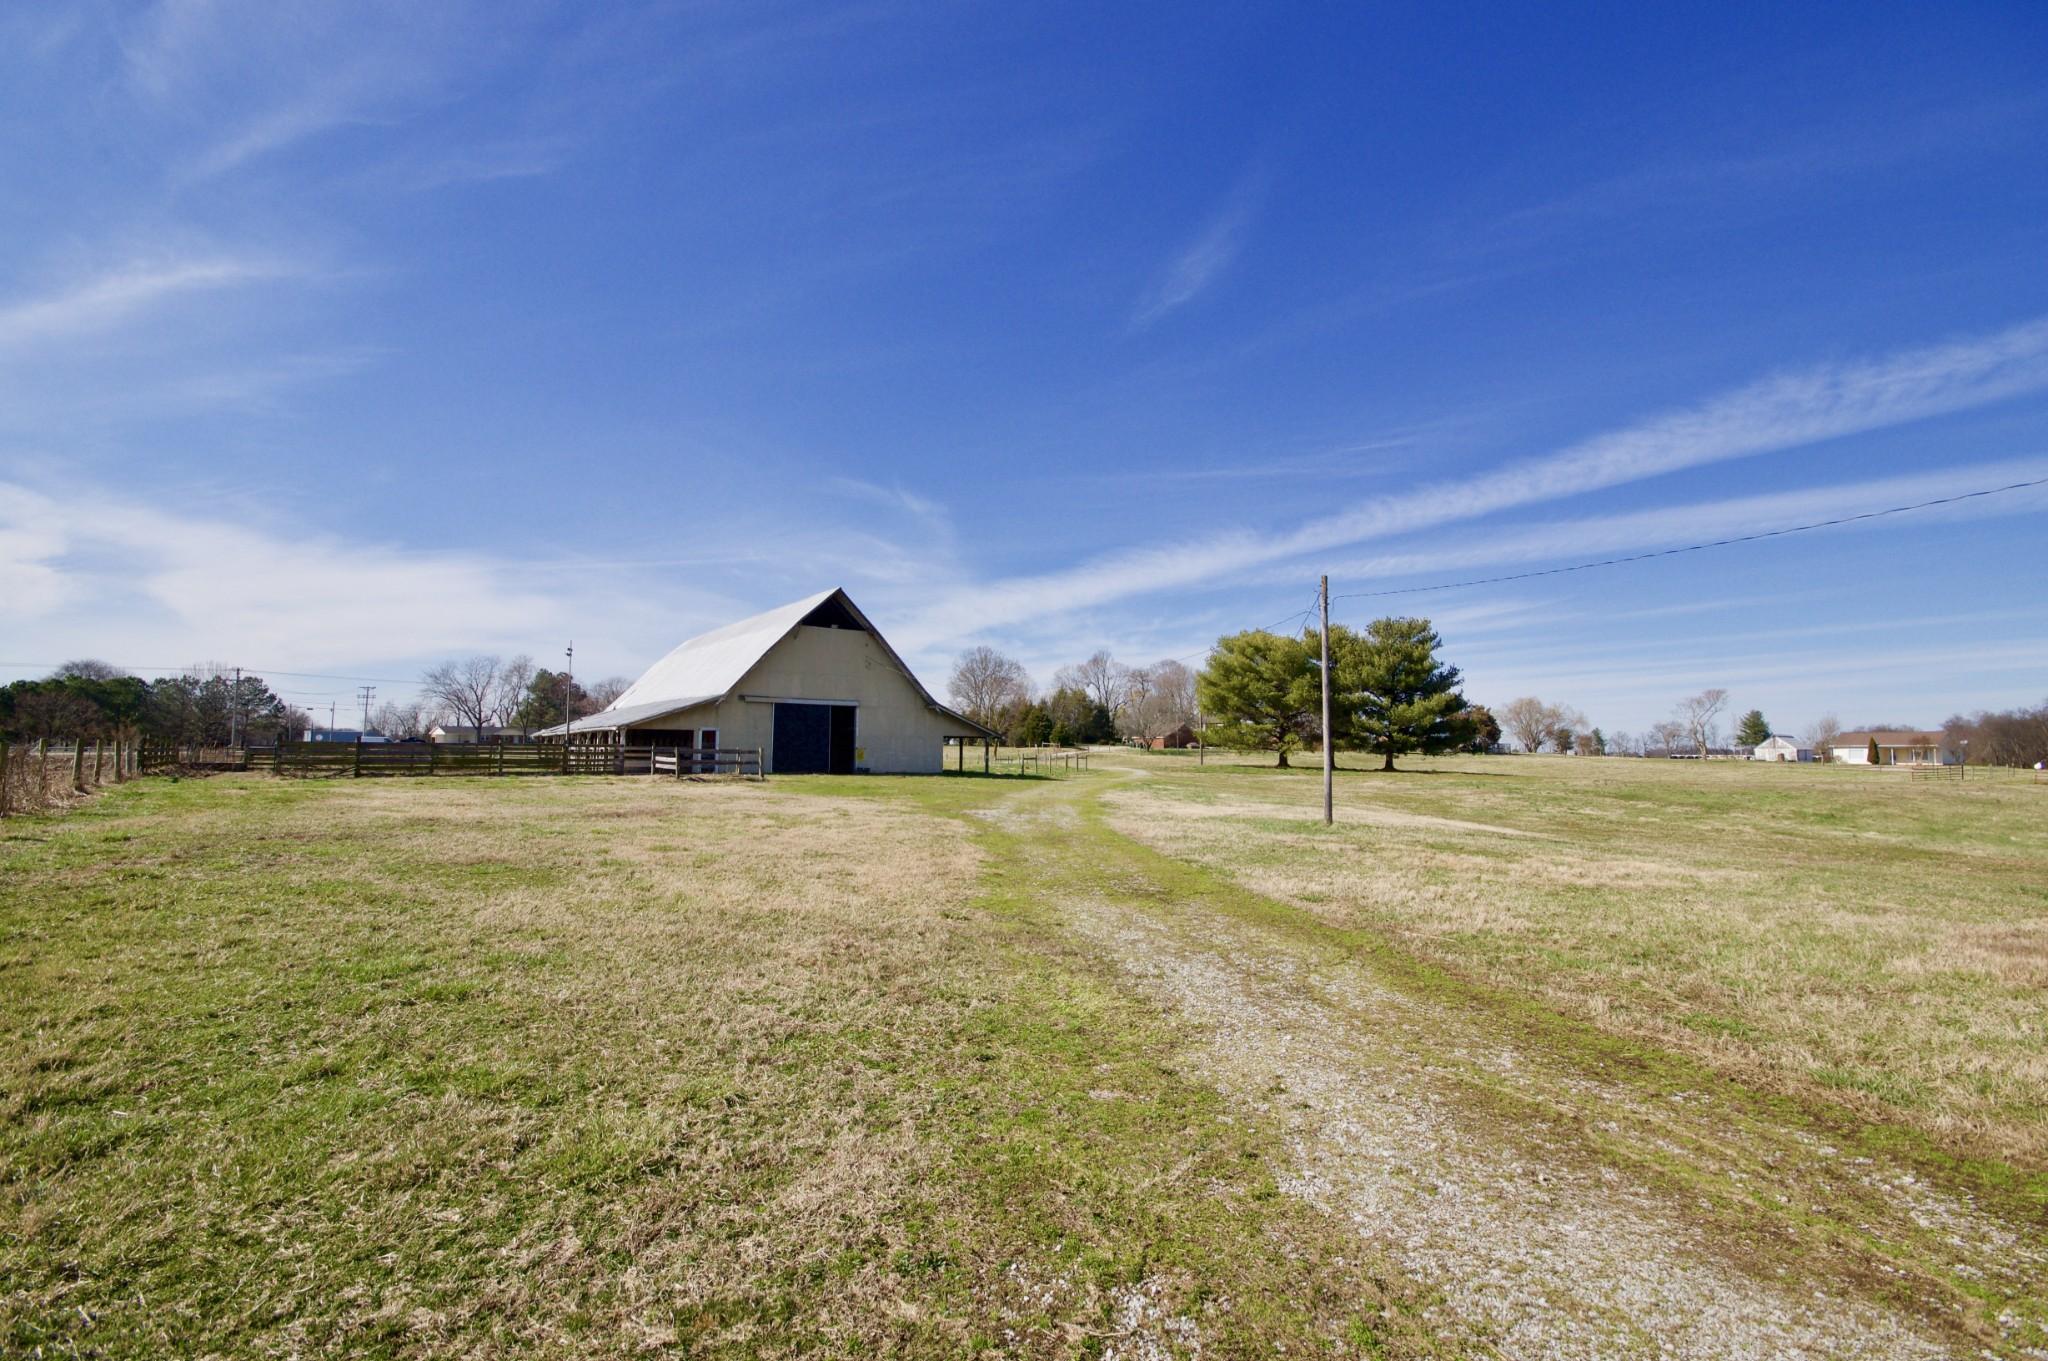 9440 Fort Campbell Blvd, Hopkinsville, KY 42240 - Hopkinsville, KY real estate listing